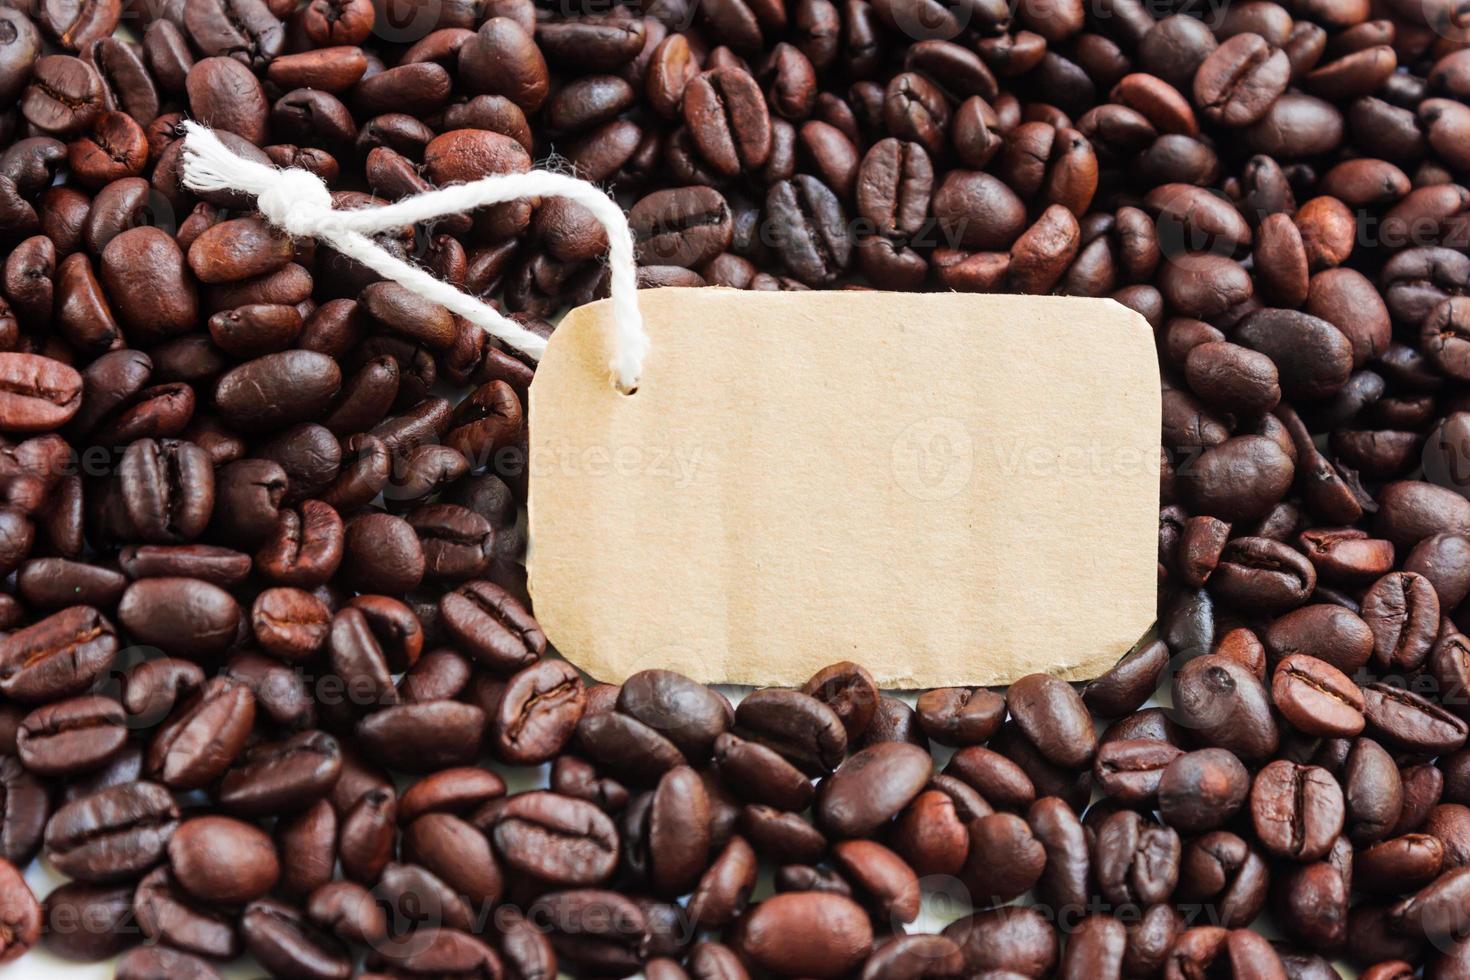 étiquette sur le fond du café photo